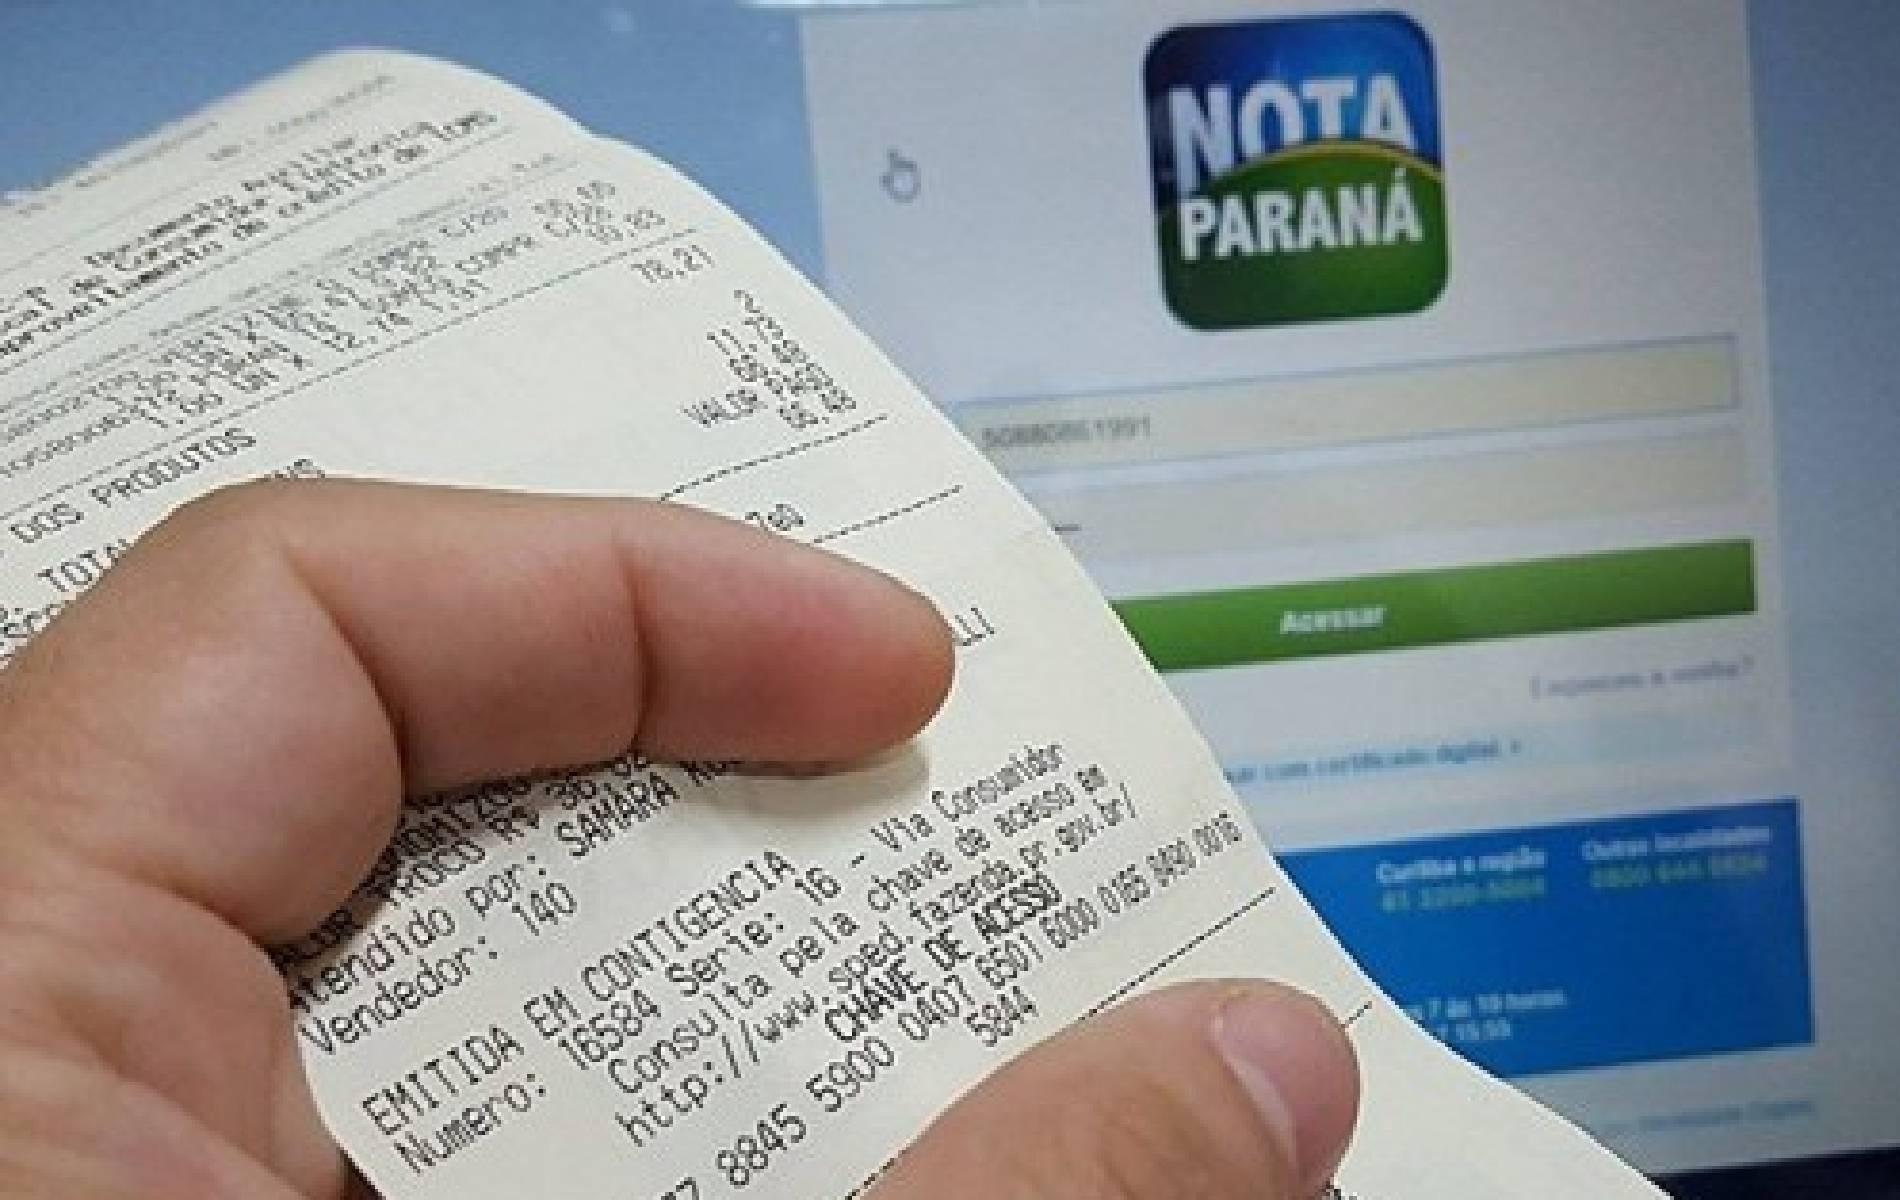 Morador de São José dos Pinhais ganha prêmio de R$ 1 milhão do Nota Paraná